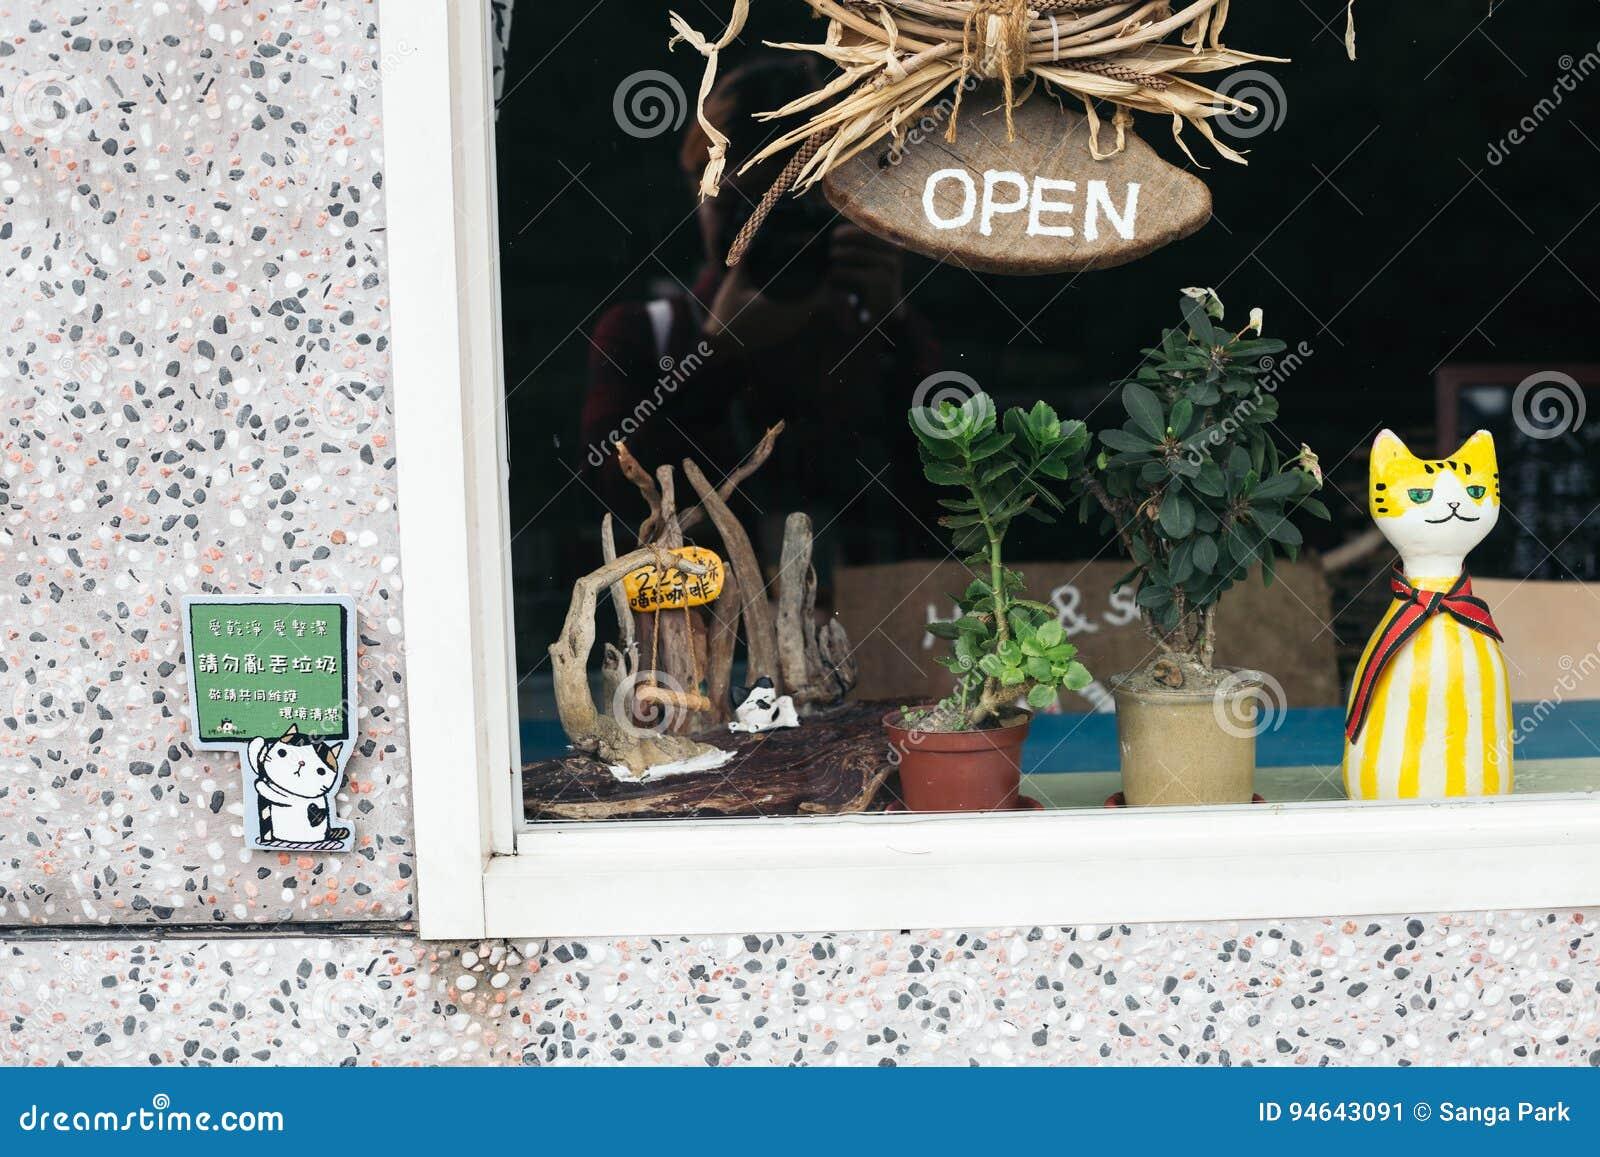 Χαριτωμένη κούκλα γατών και ανοικτό ξύλινο σημάδι ευρείες μέσω του γυαλιού του παραθύρου καταστημάτων